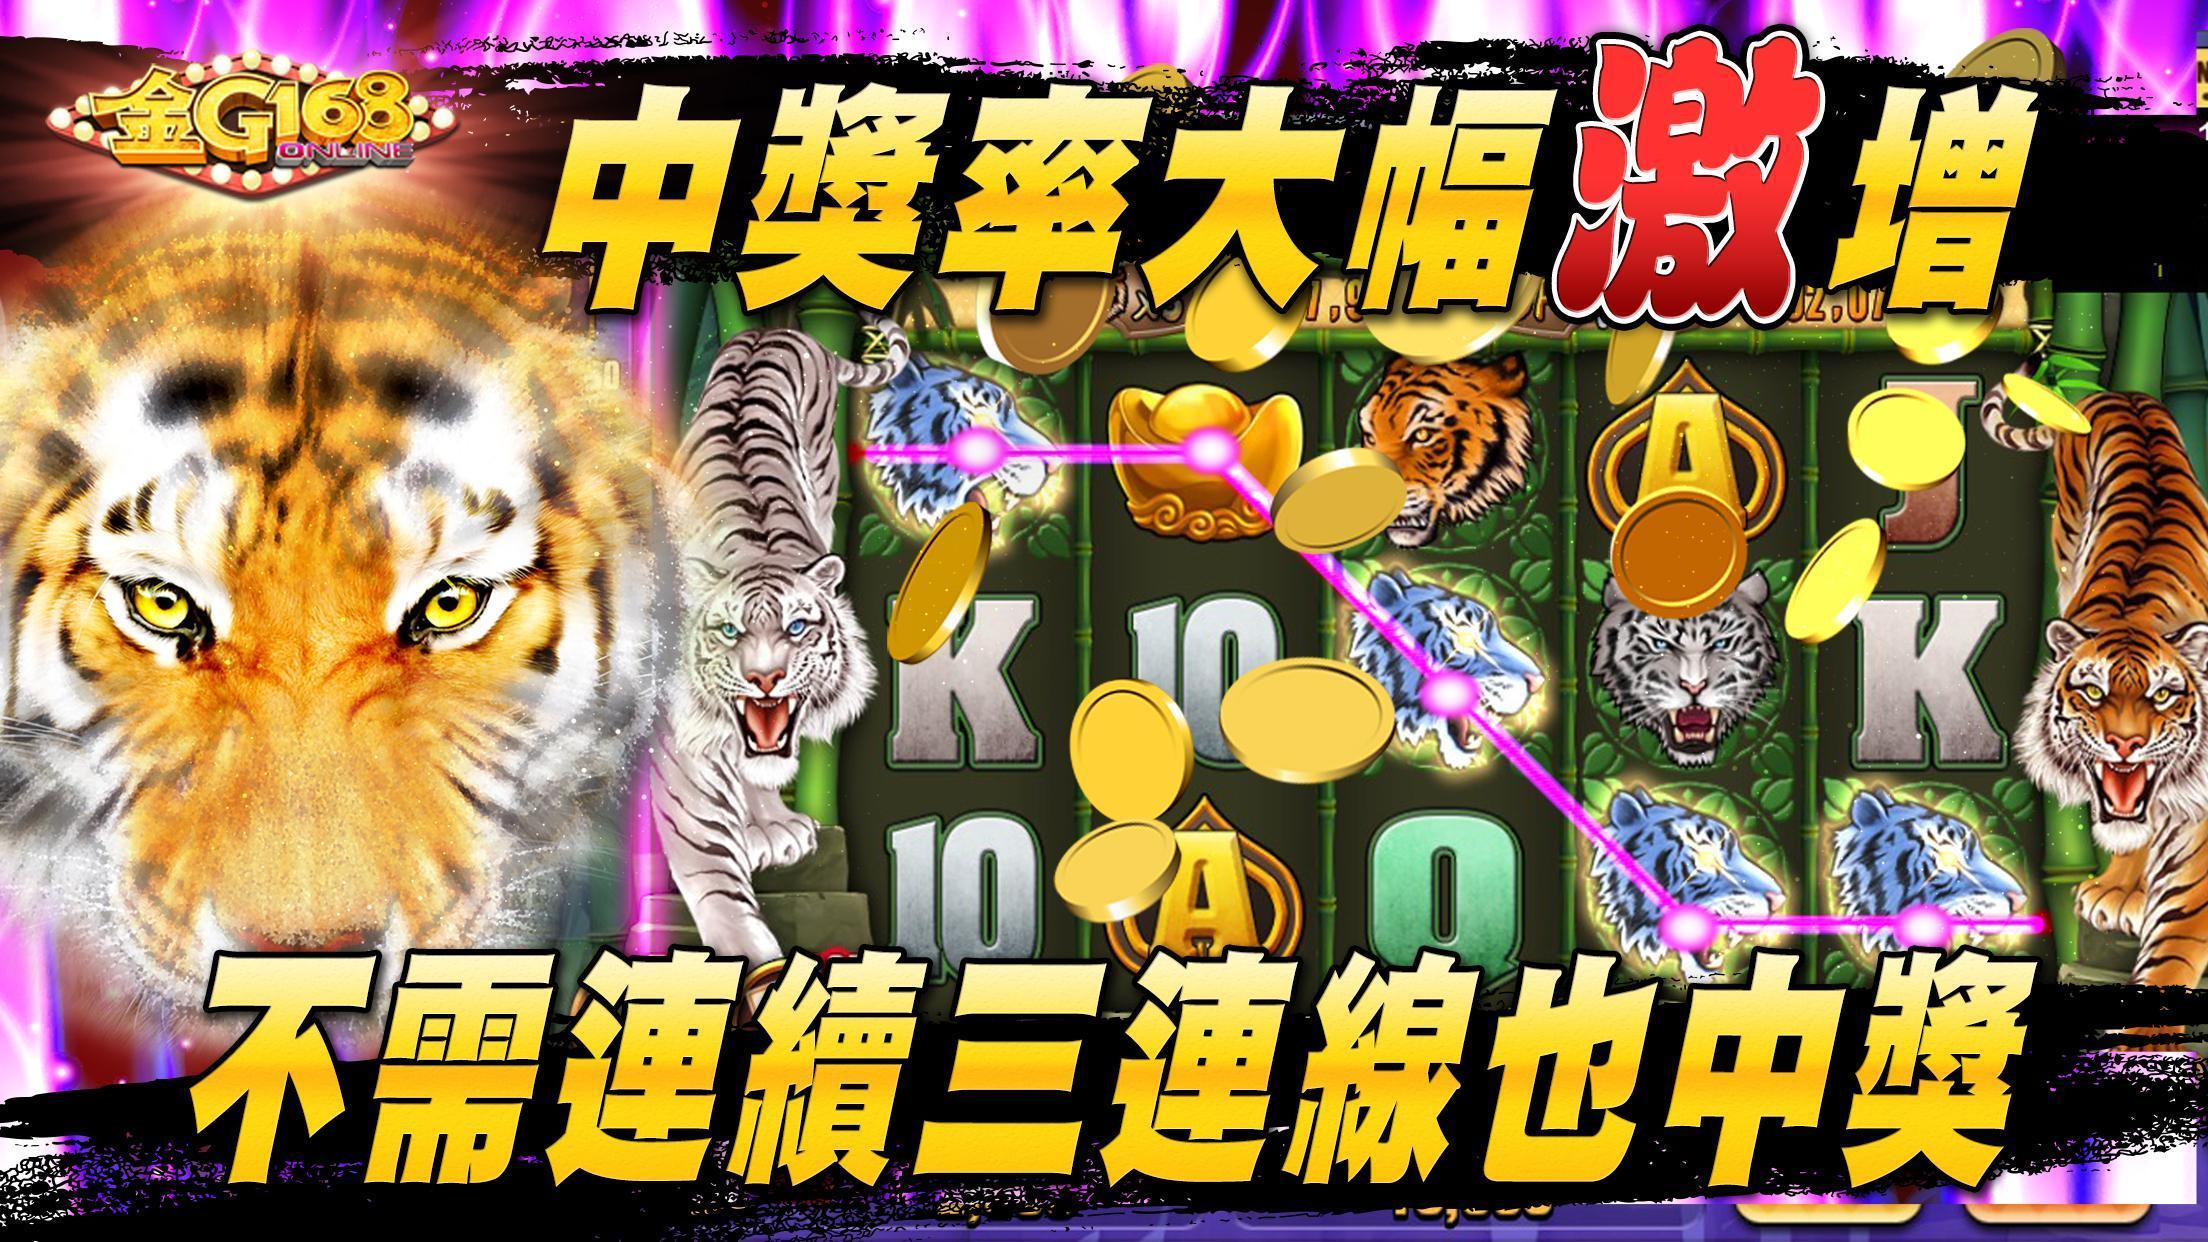 金G168 Casino -老虎機,7PK撲克,小瑪莉,骰寶 1.1.23 Screenshot 13